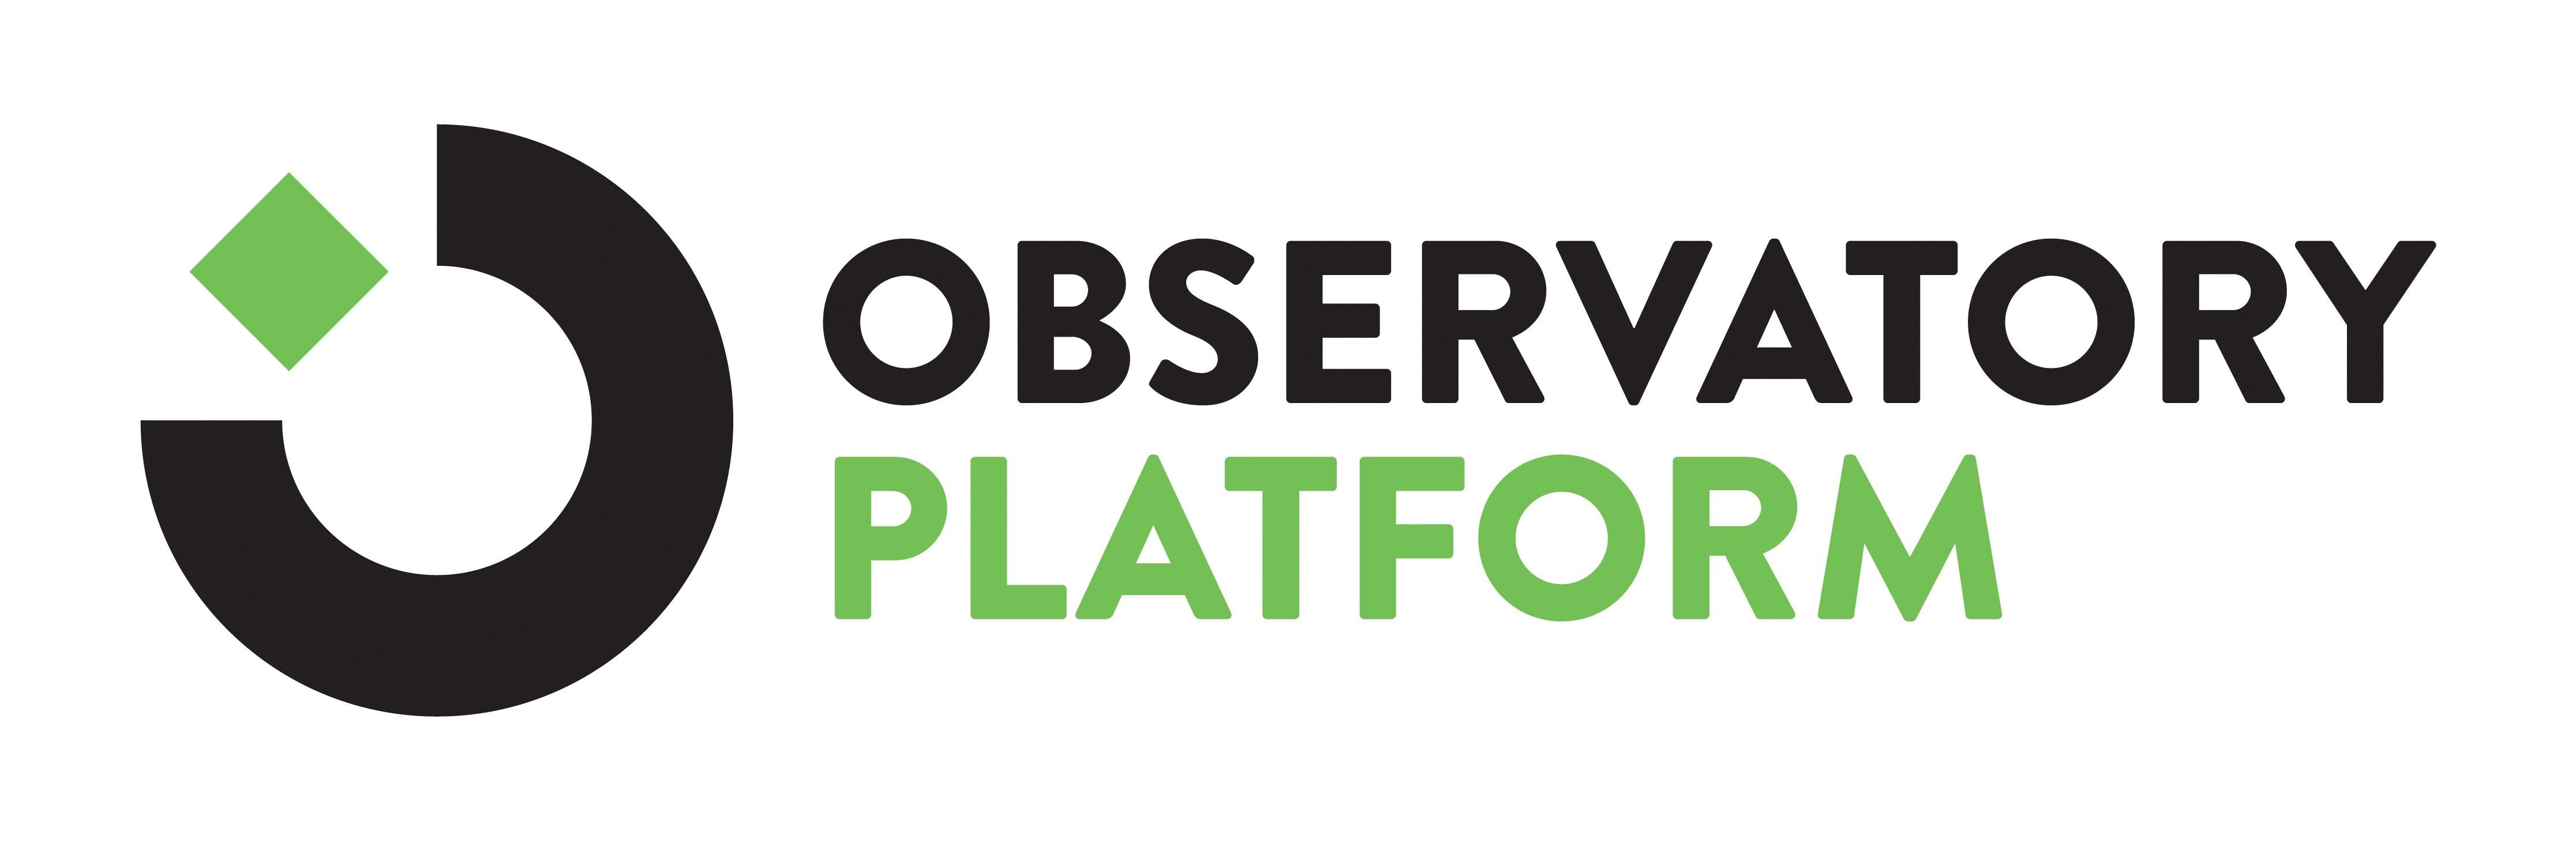 Observatory Platform